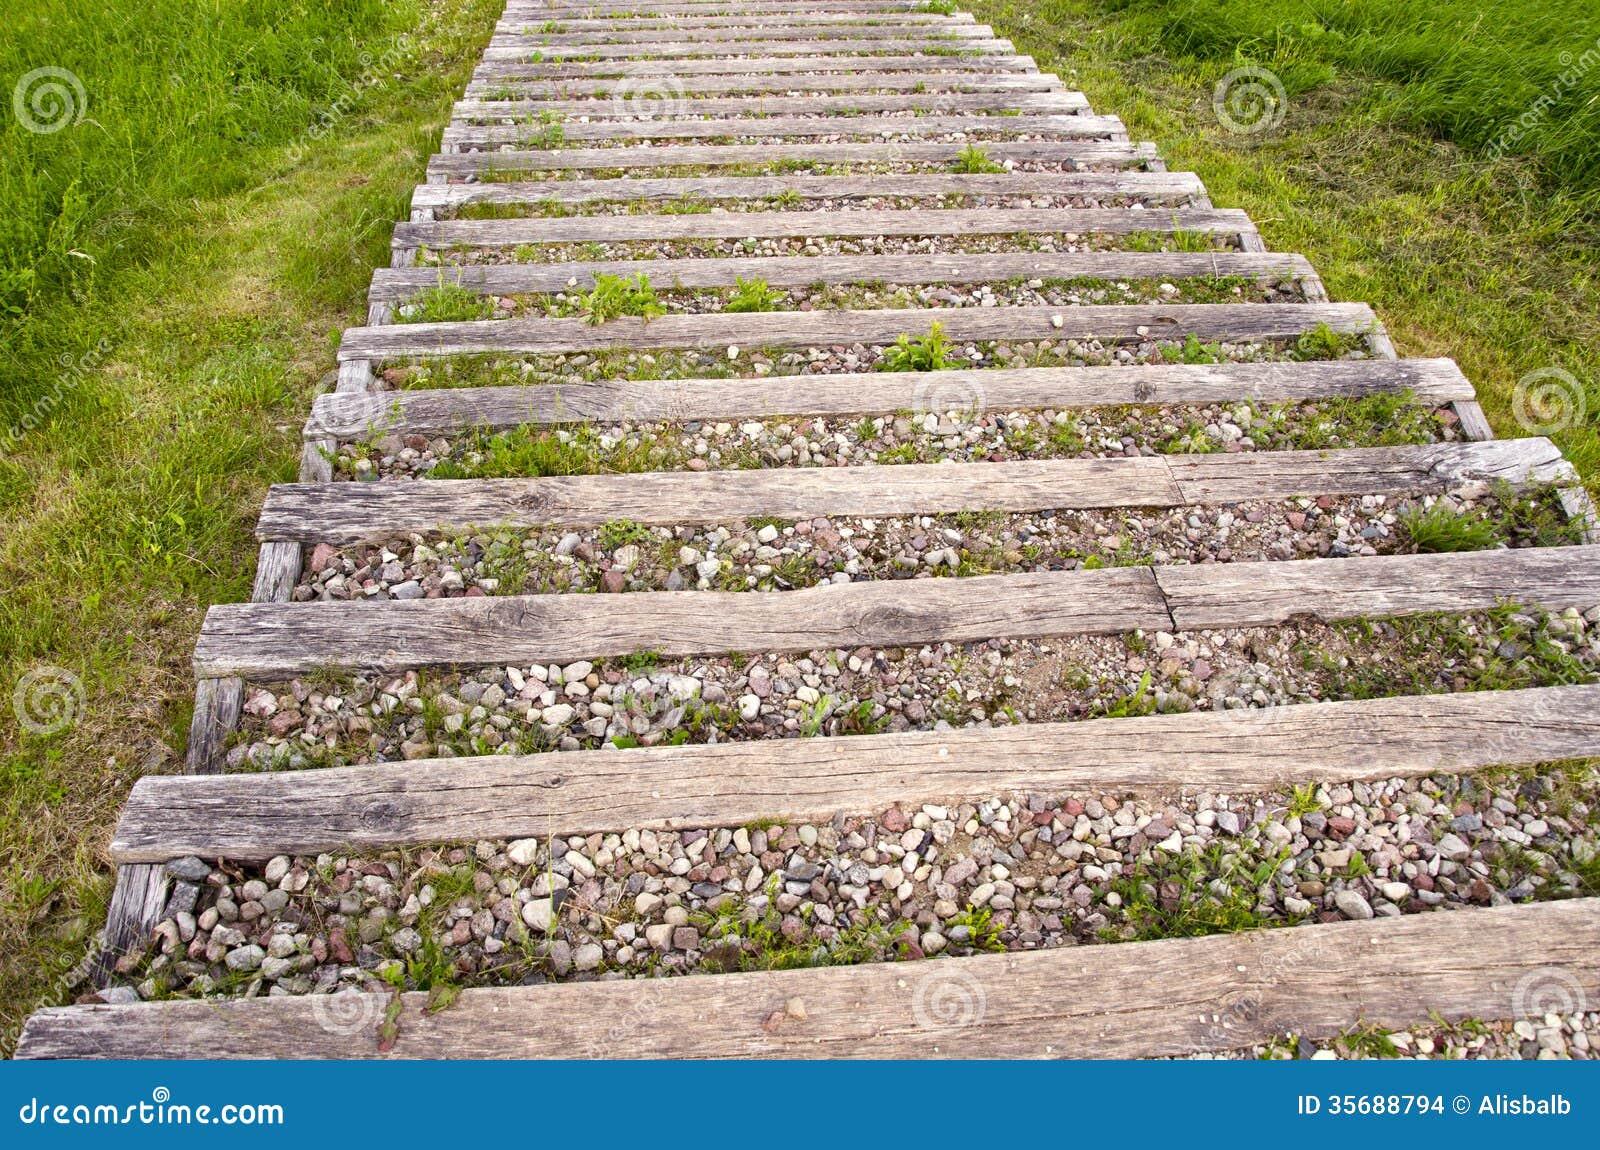 Escalera al aire libre de madera vieja con grava en parque - Escaleras al aire ...